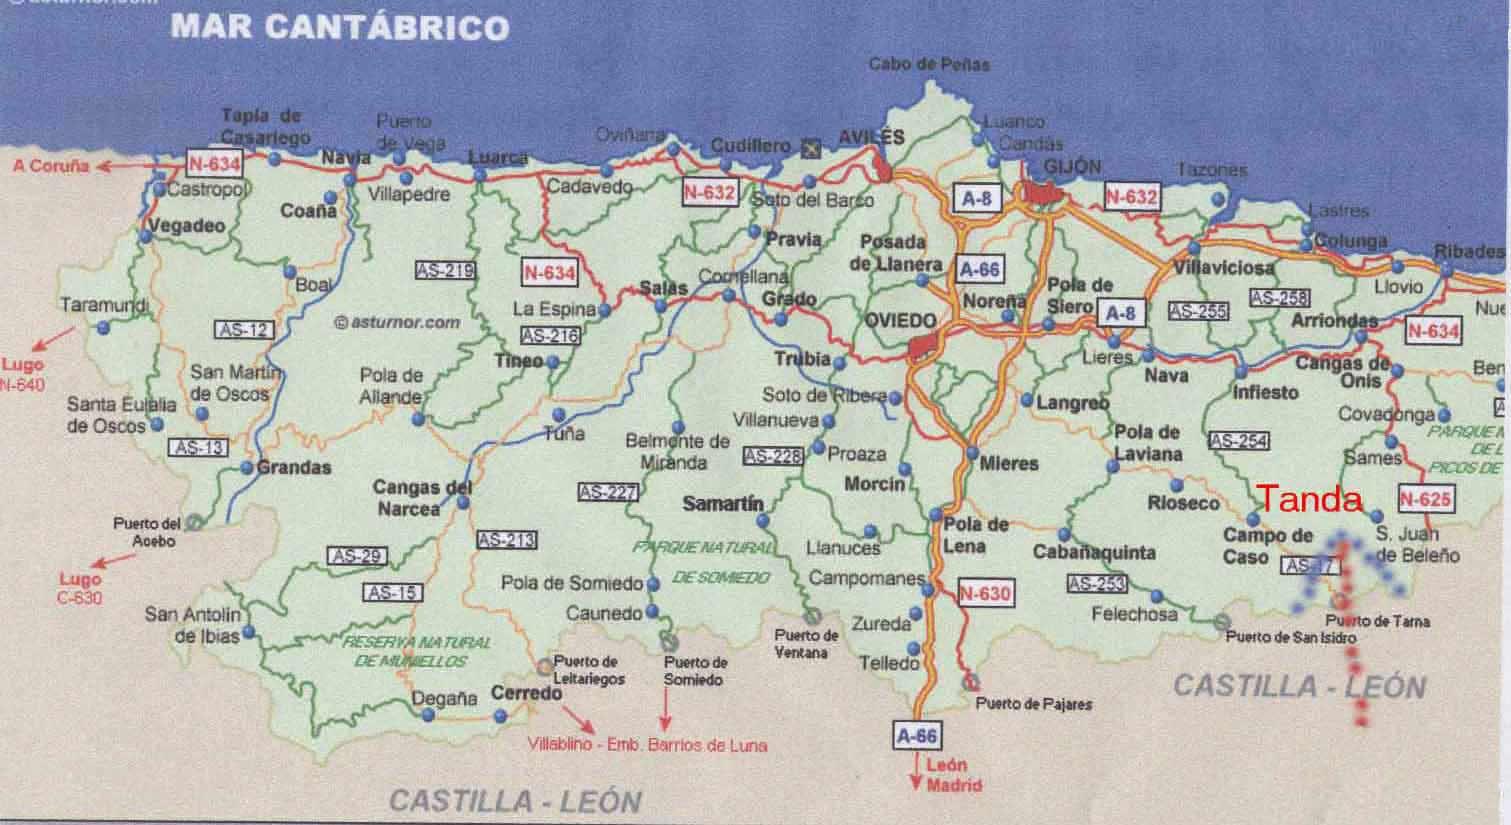 Pola De Laviana Mapa.33986 Codigo Postal De Laviana